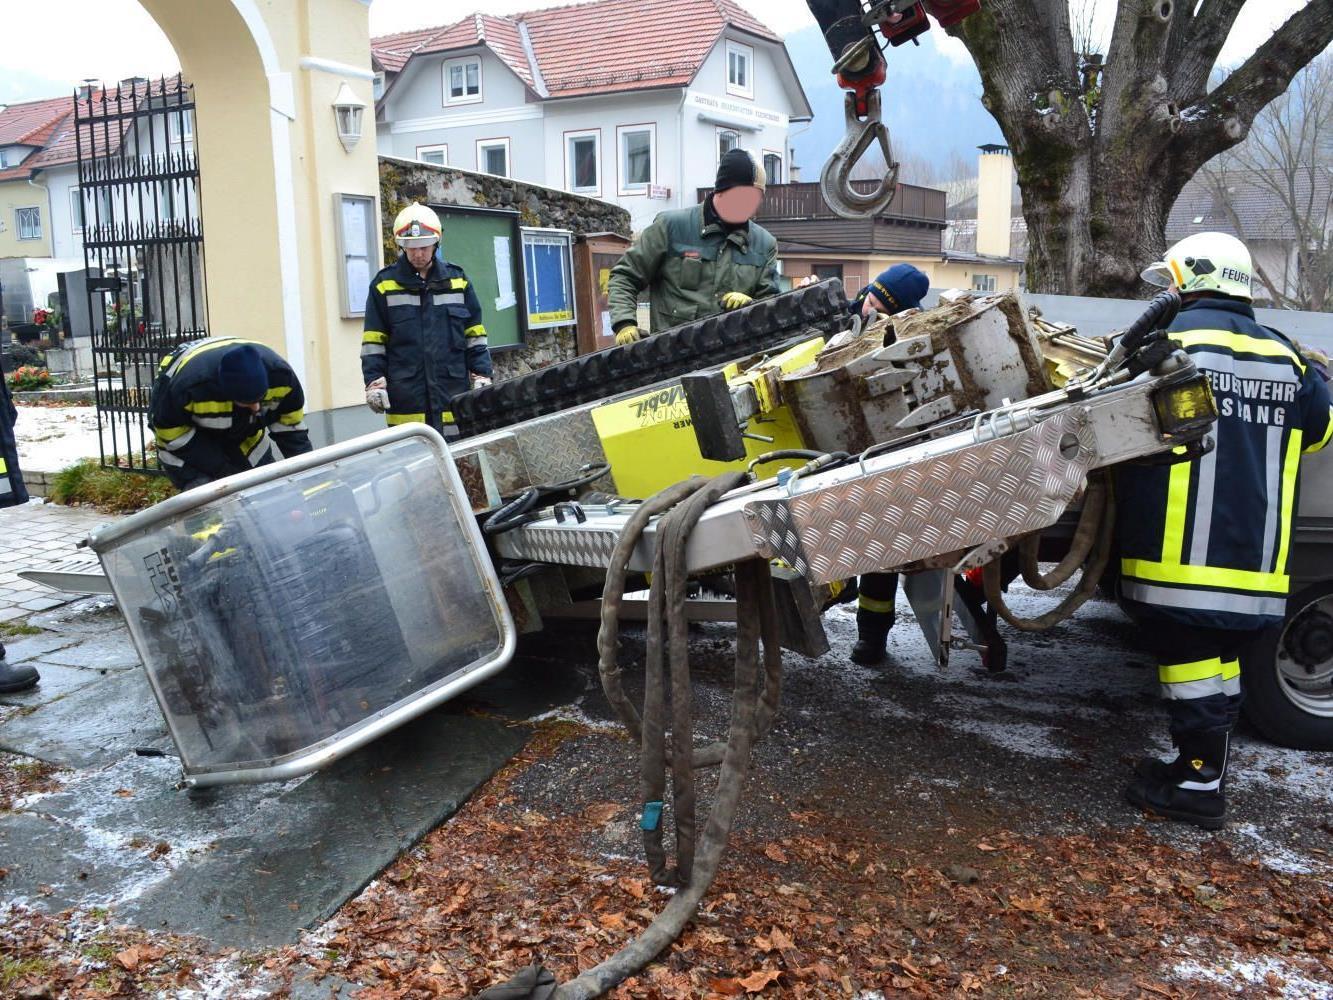 Ein umgestürzter Bagger beschäftigte die Feuerwehr Aspang.